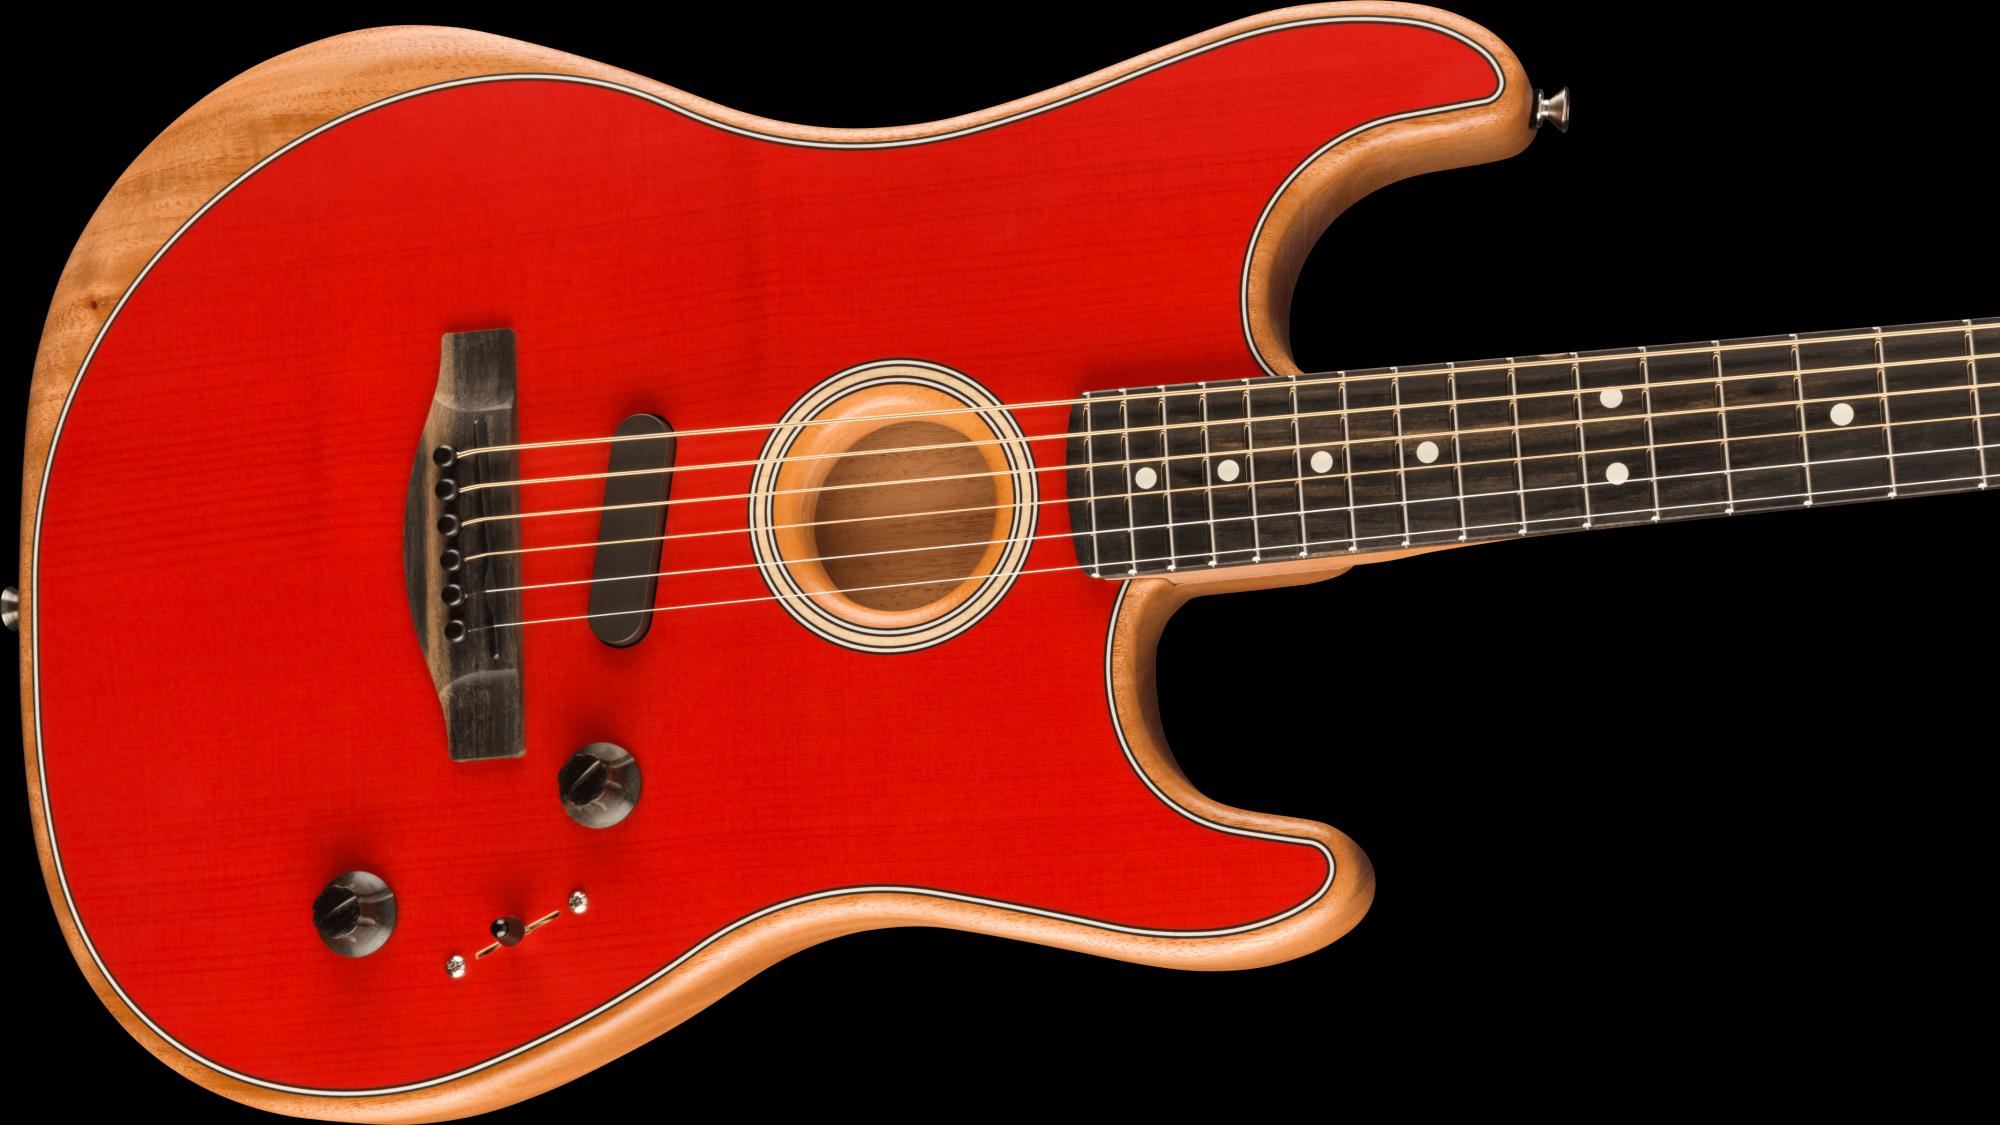 Fender American Acoustasonic Stratocaster Ebony Fingerboard - Dakota Red